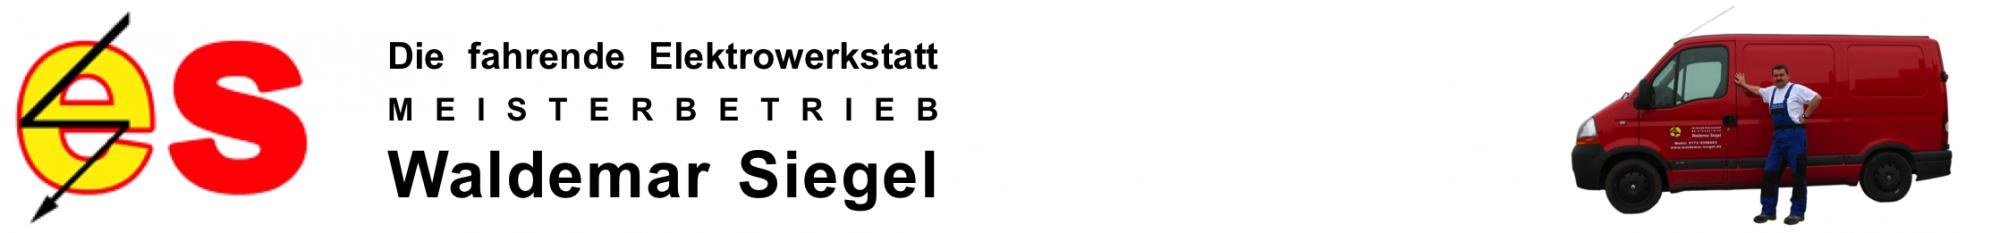 Elektro Siegel